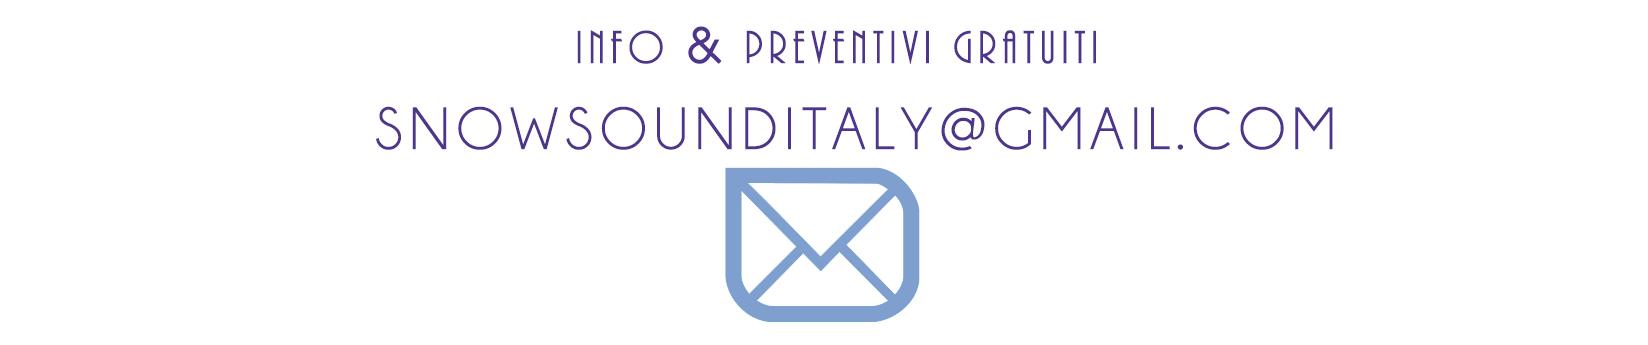 Info e Preventivi Gratuiti